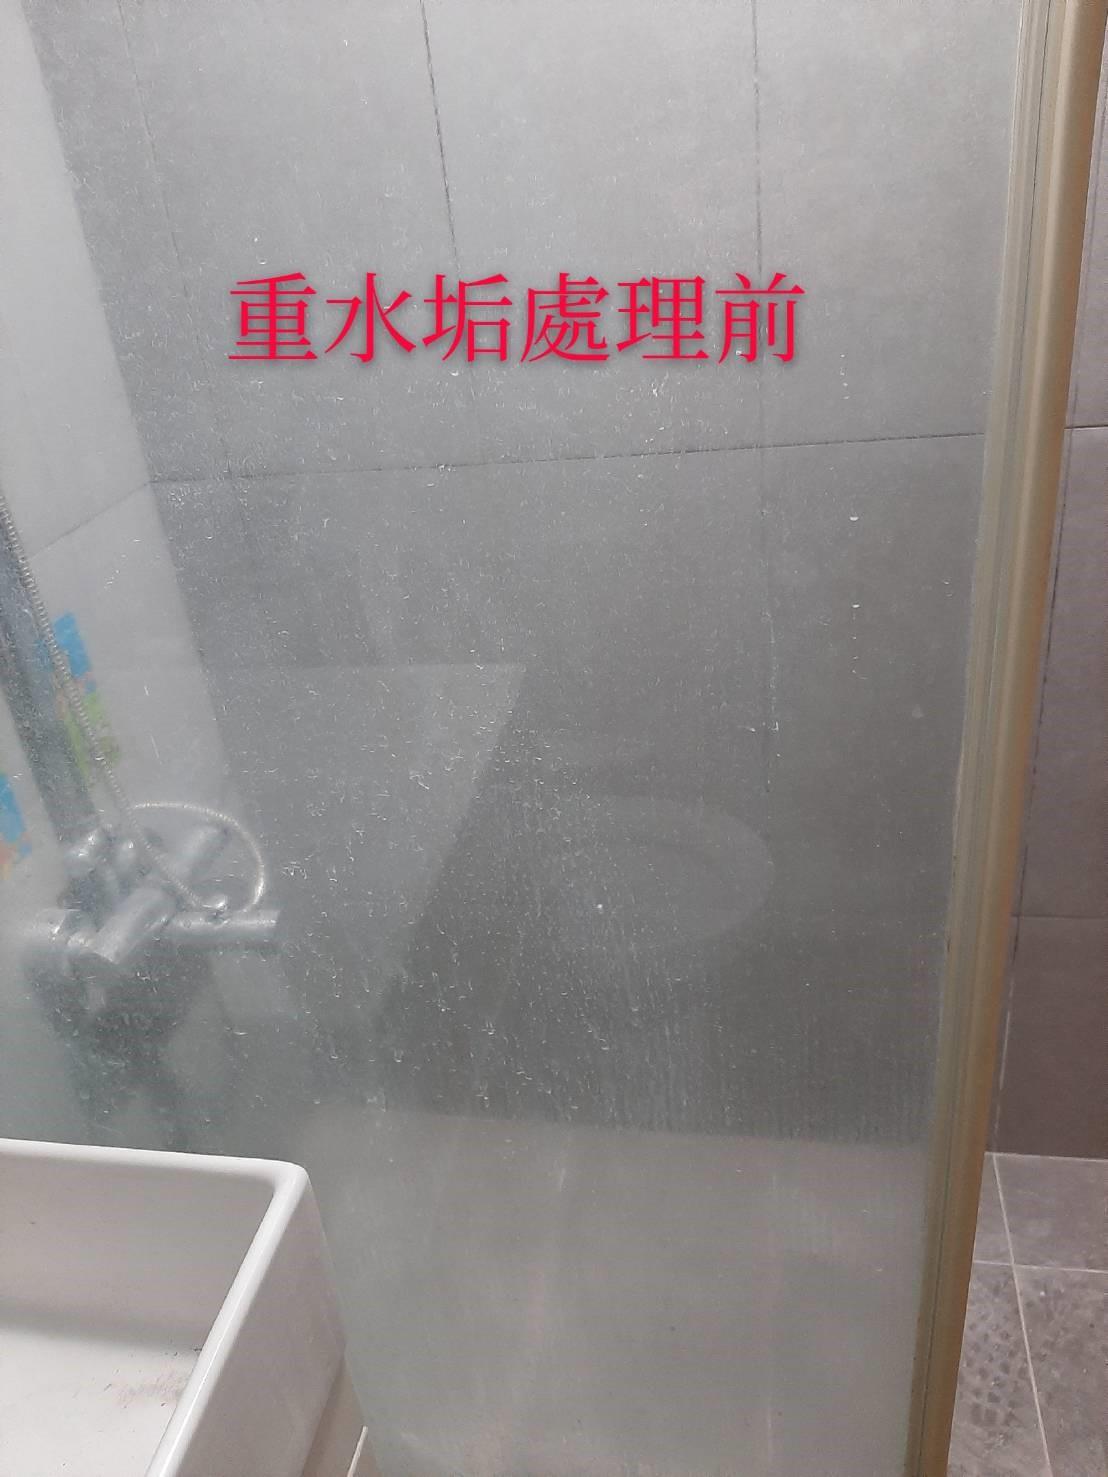 居家清潔圖對比_200326_0001